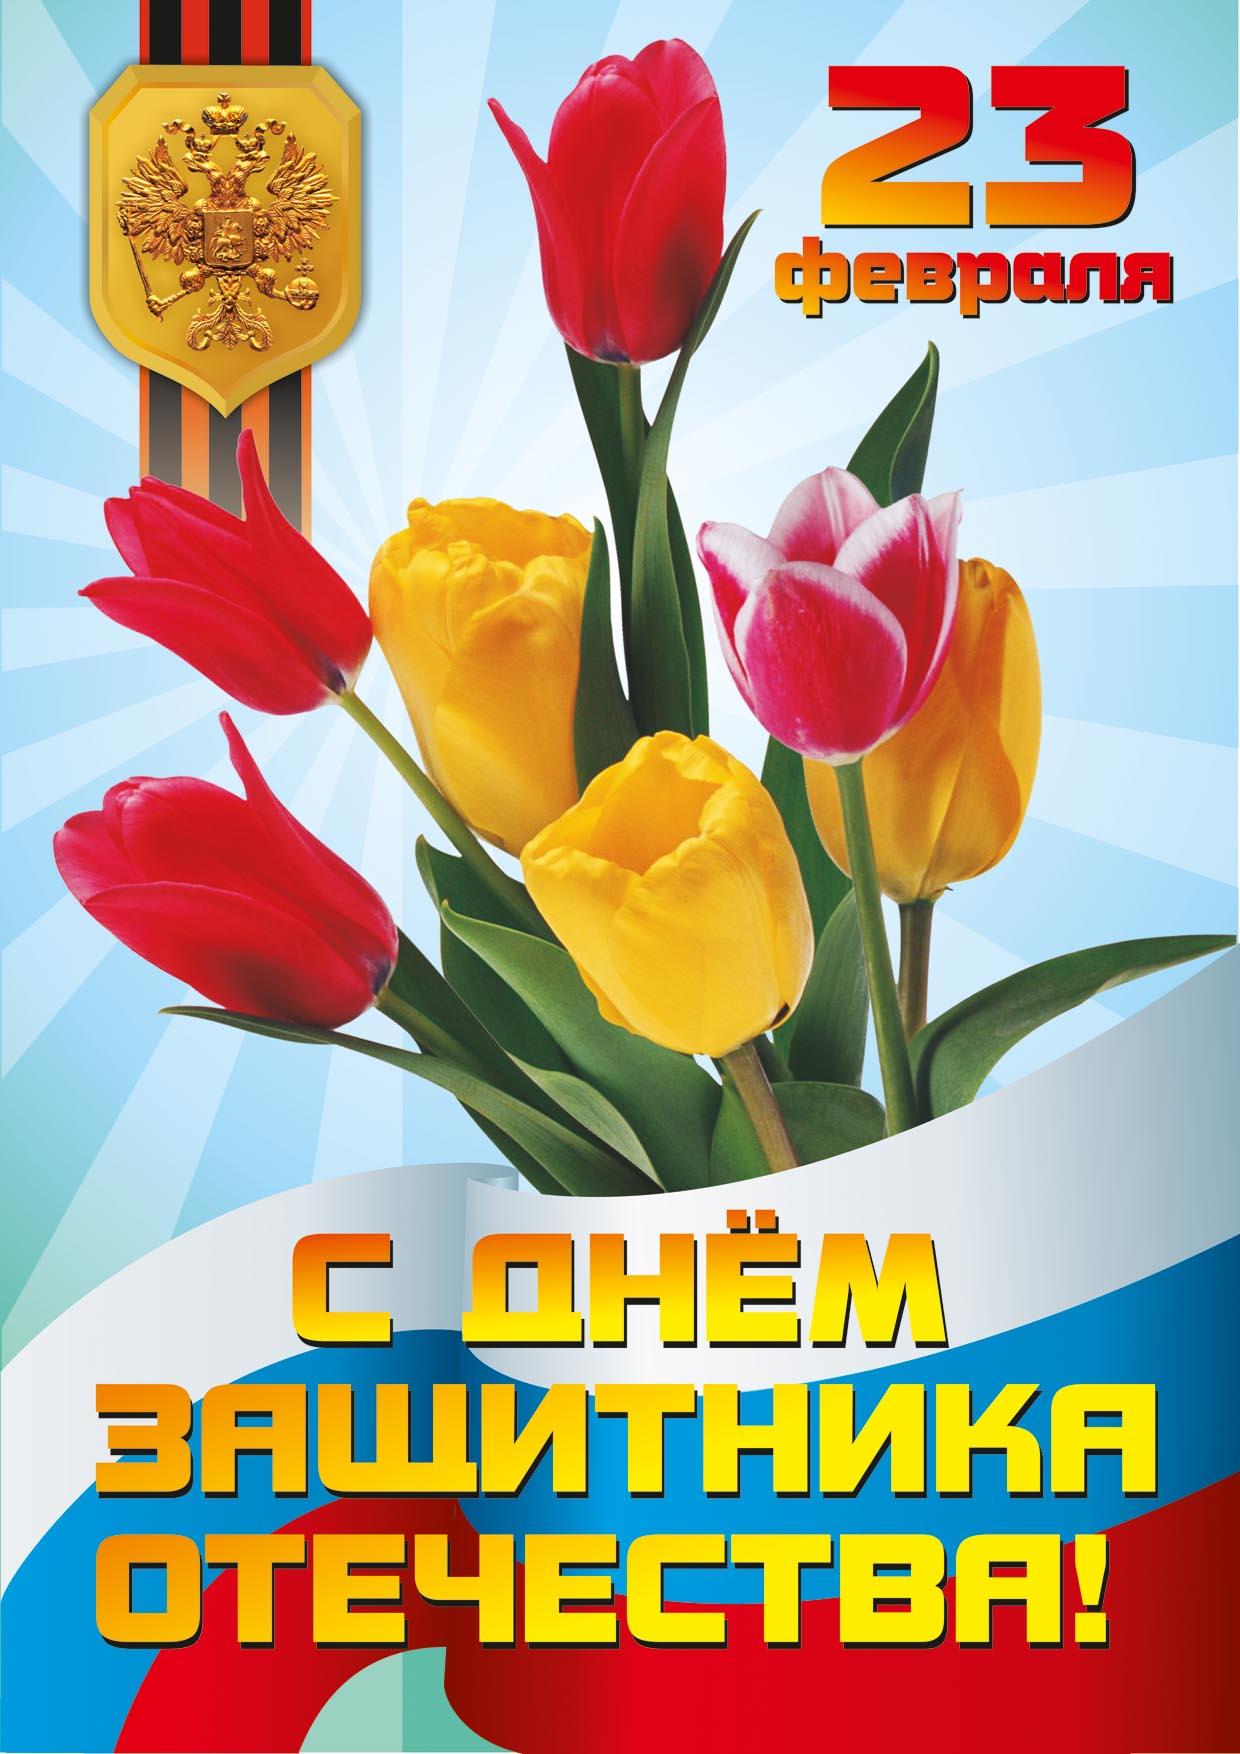 особенно поздравительные картинка цветы для 23 февраля и мно в имо этот, между прочим